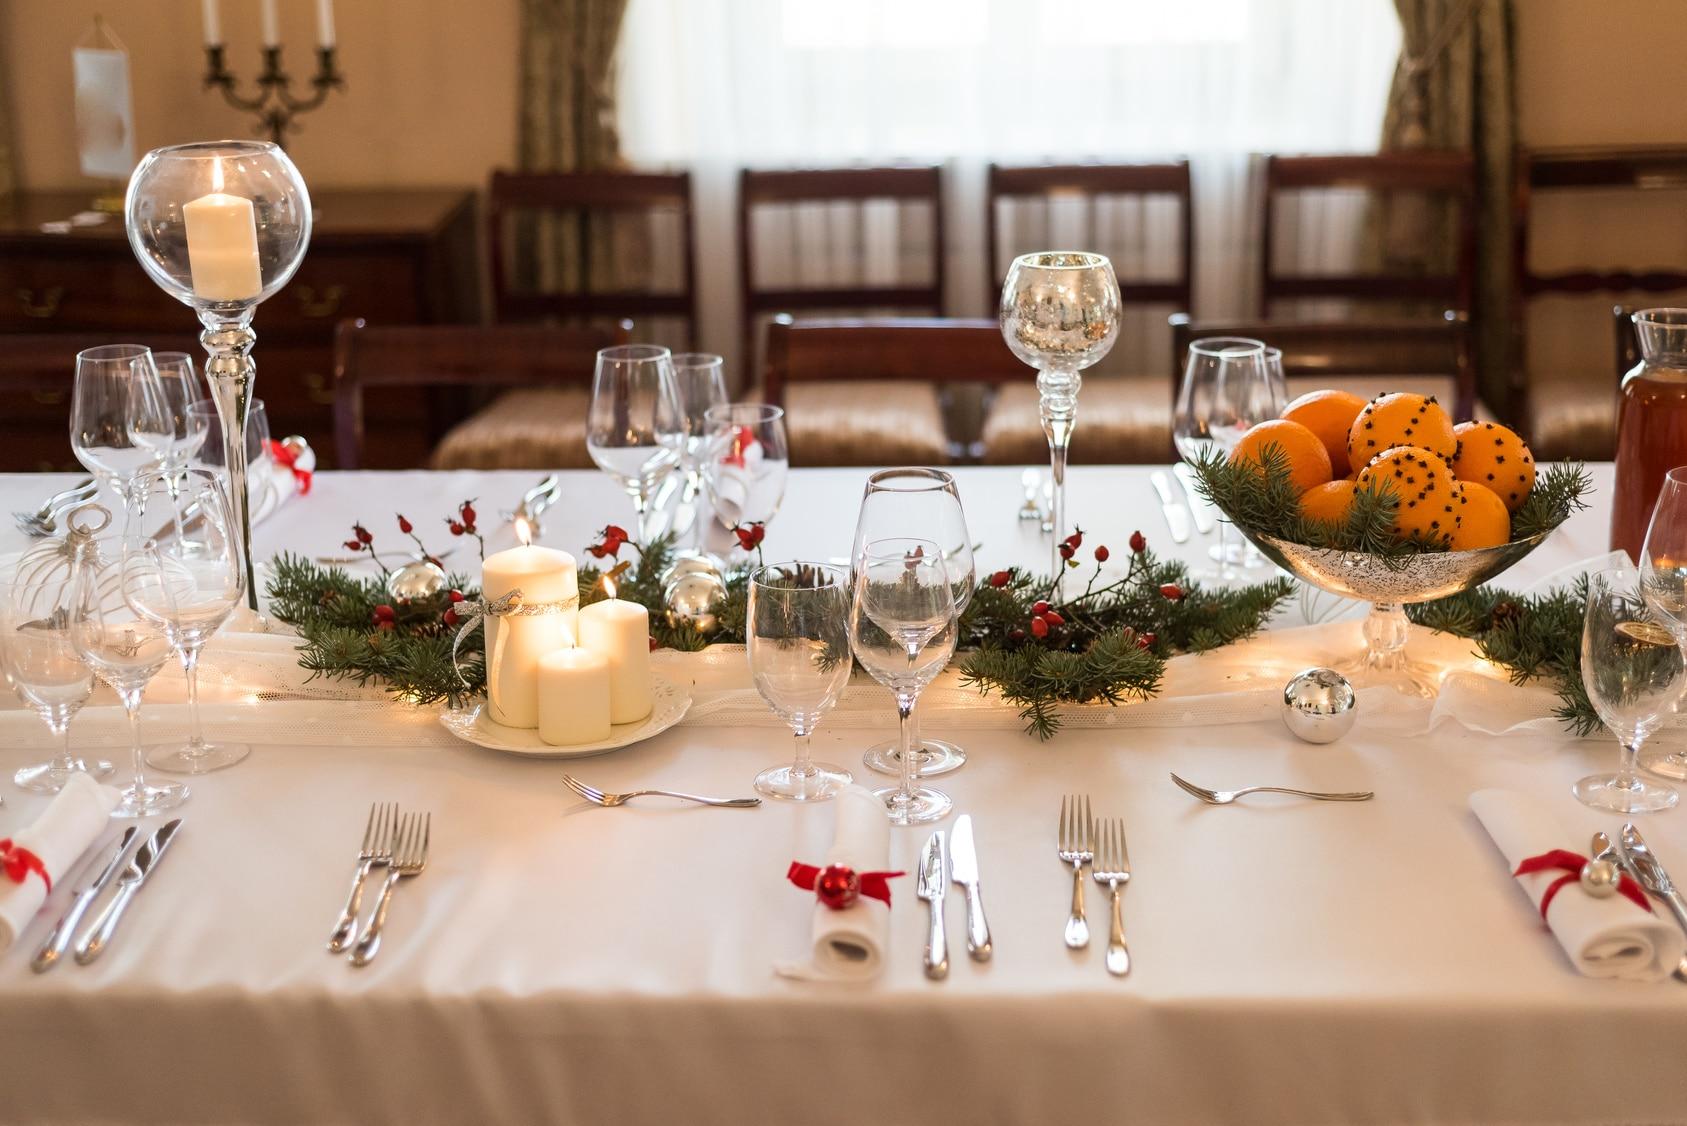 Świąteczny stół, fot. Fotolia